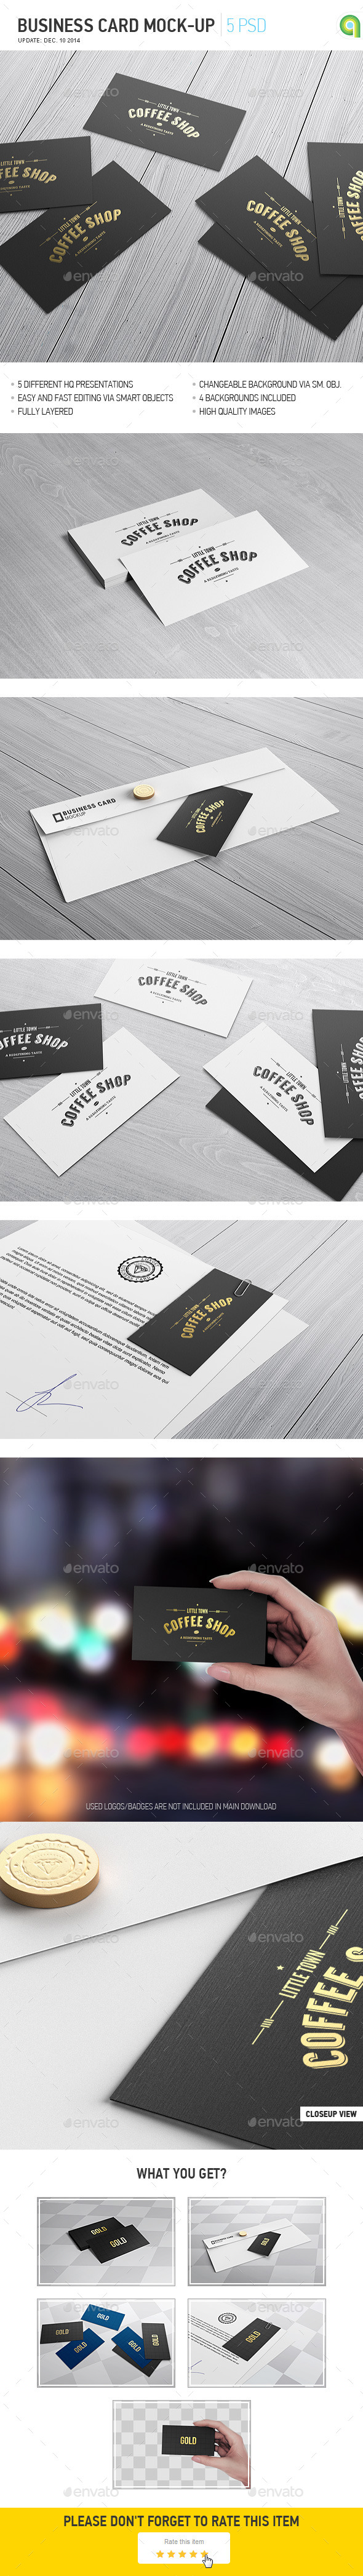 business card mockup by ayashi